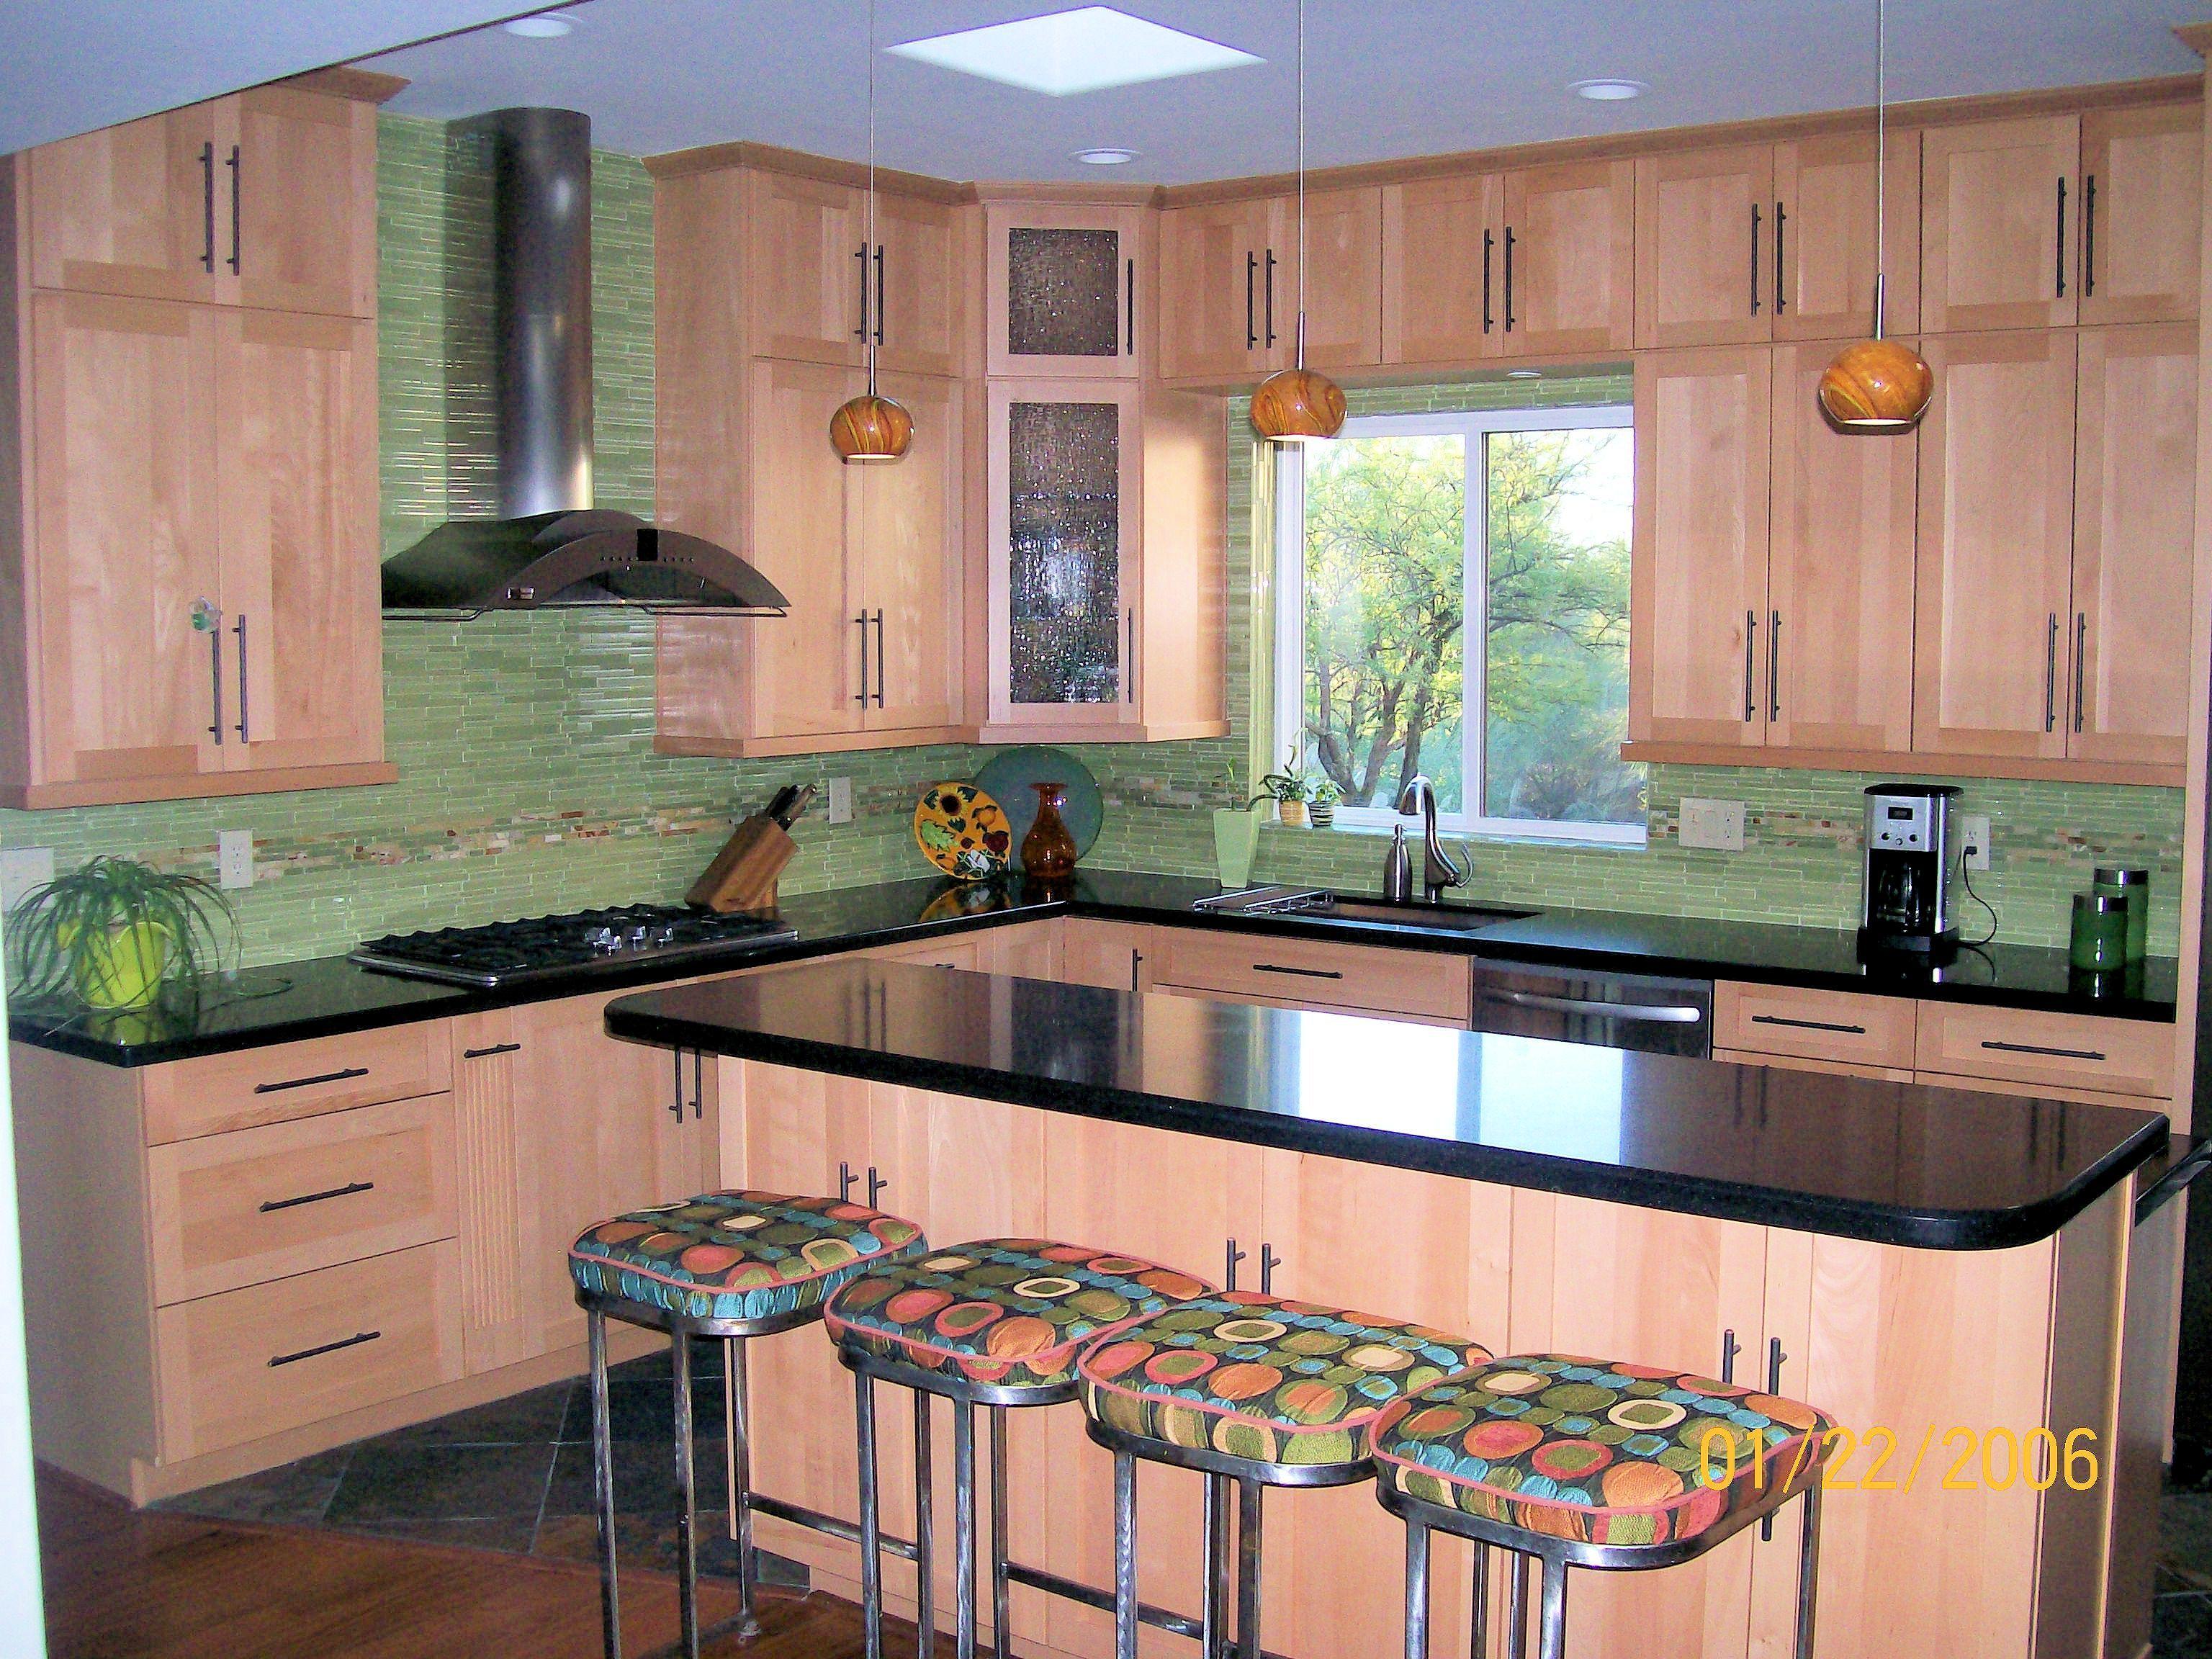 Kitchen Concepts image 2